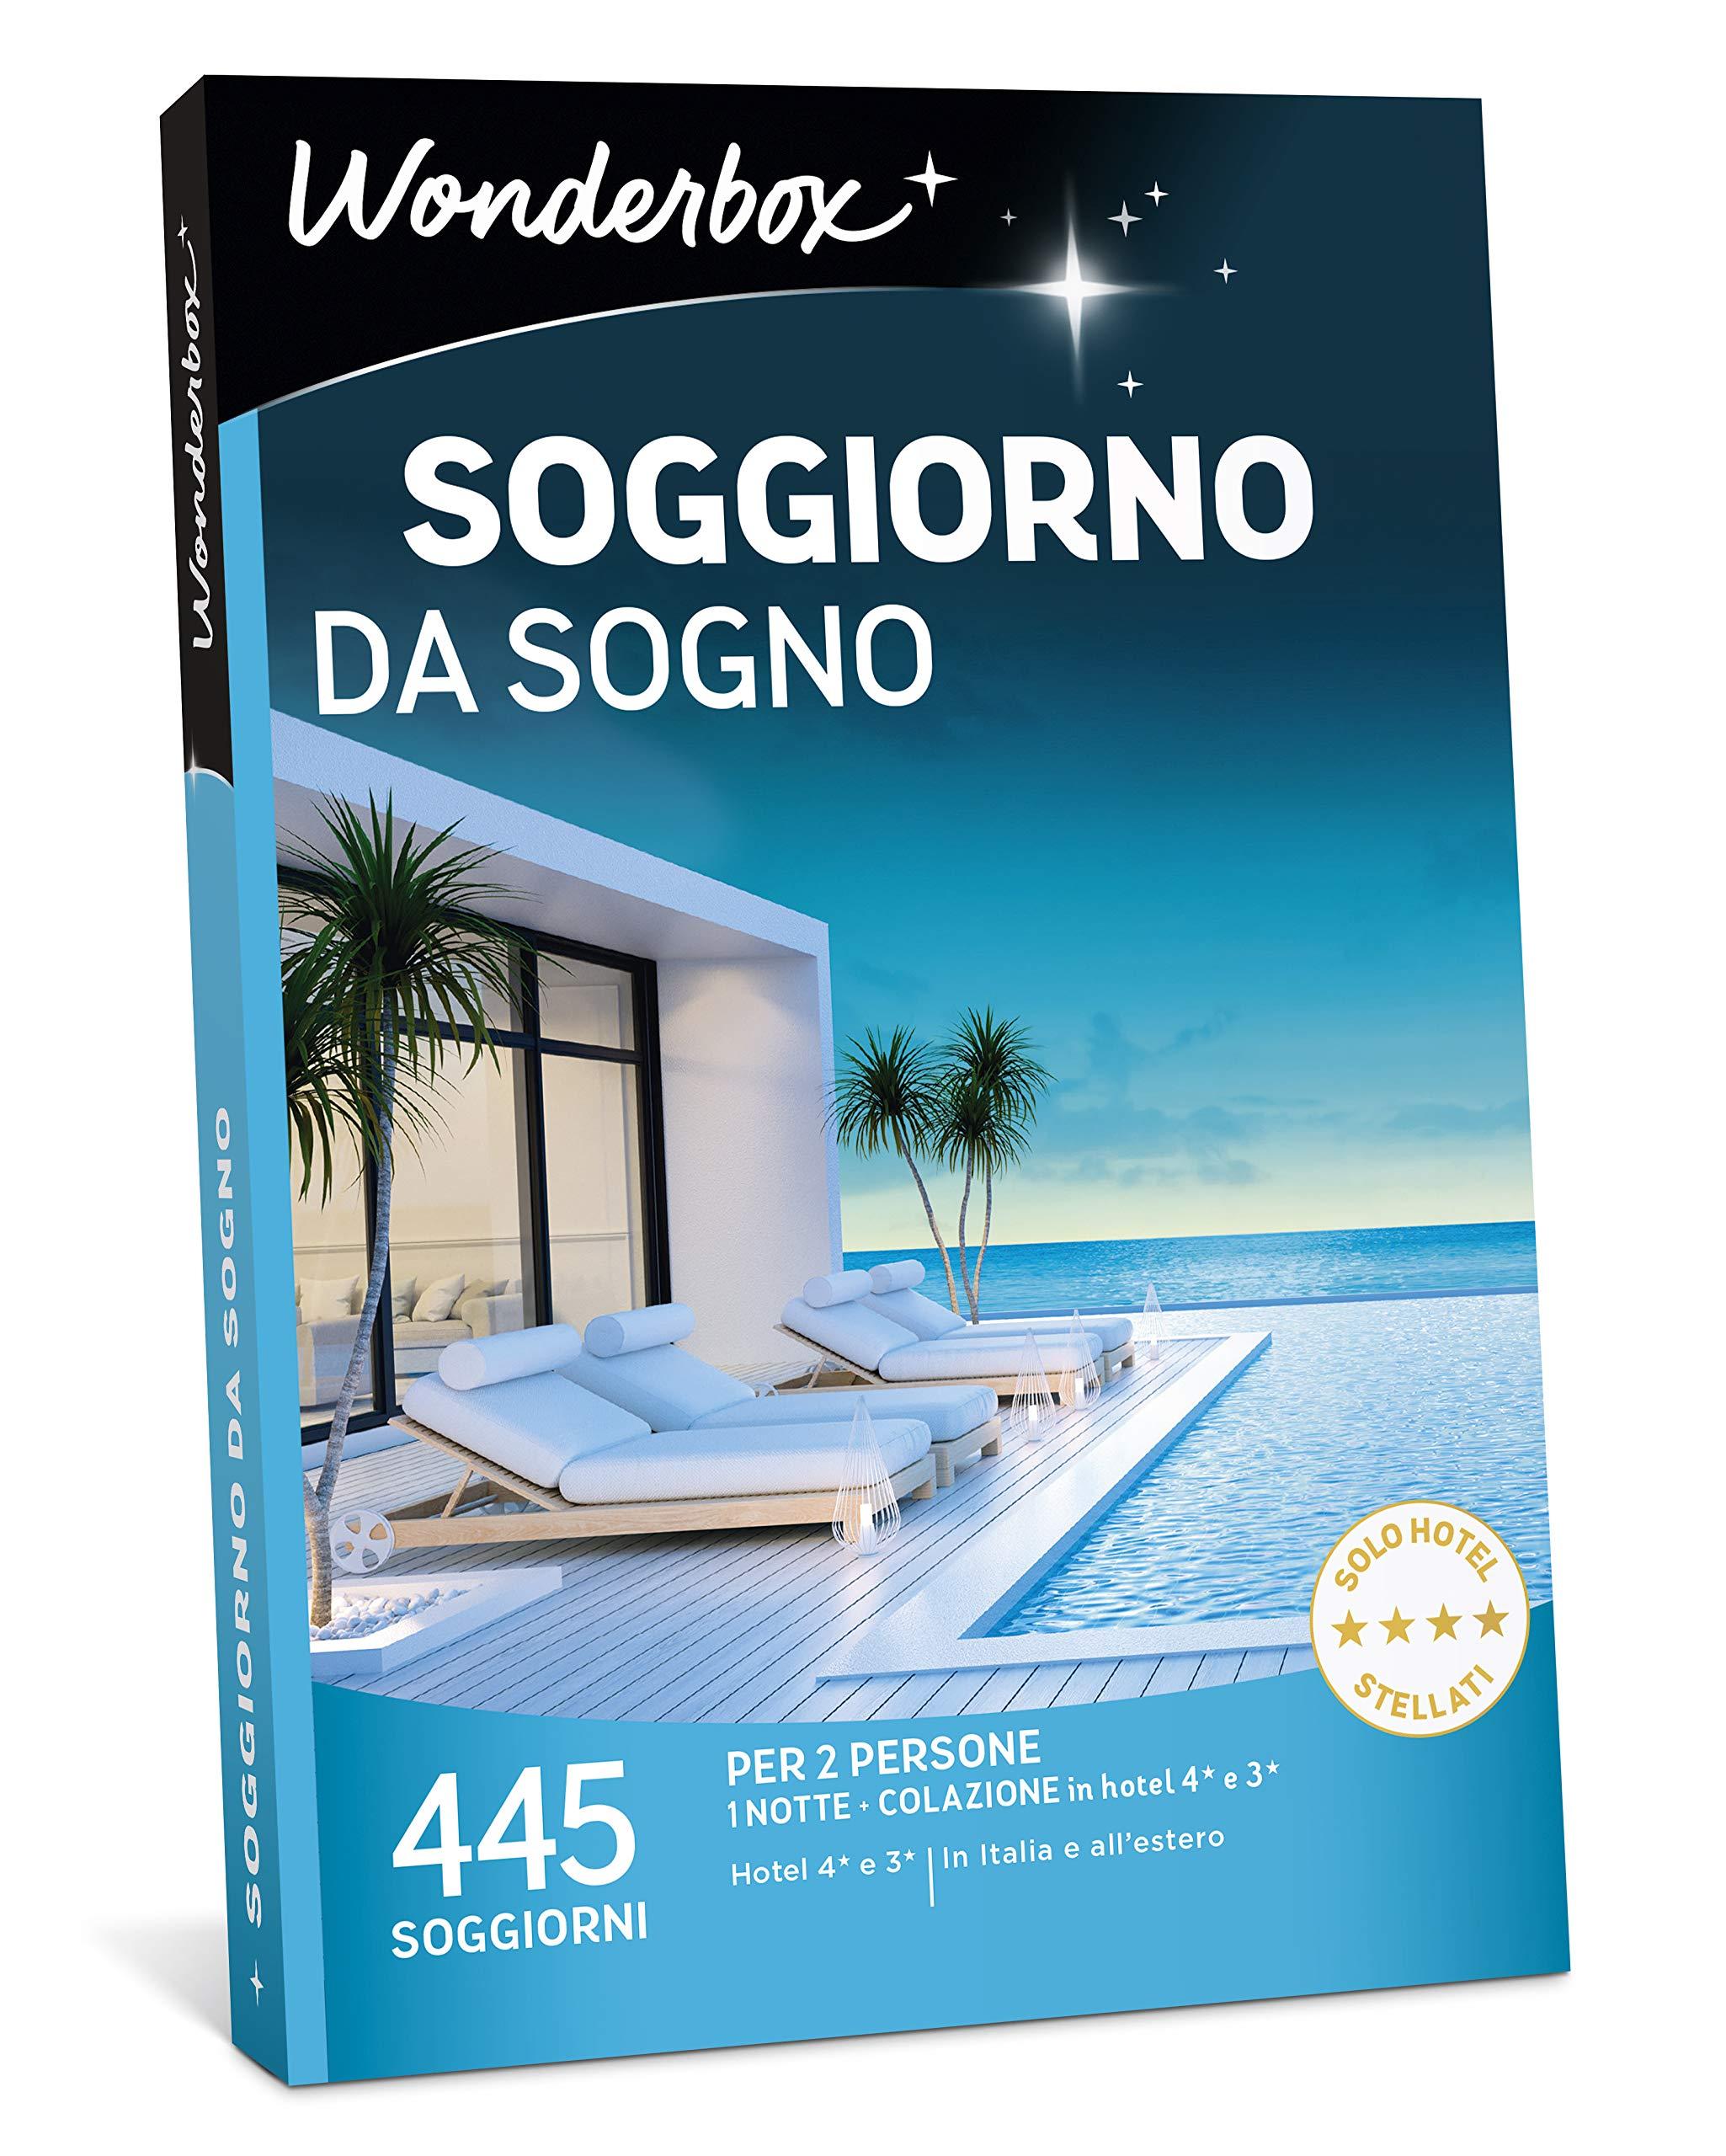 WONDERBOX Cofanetto Regalo per Coppia - Soggiorno da Sogno ...